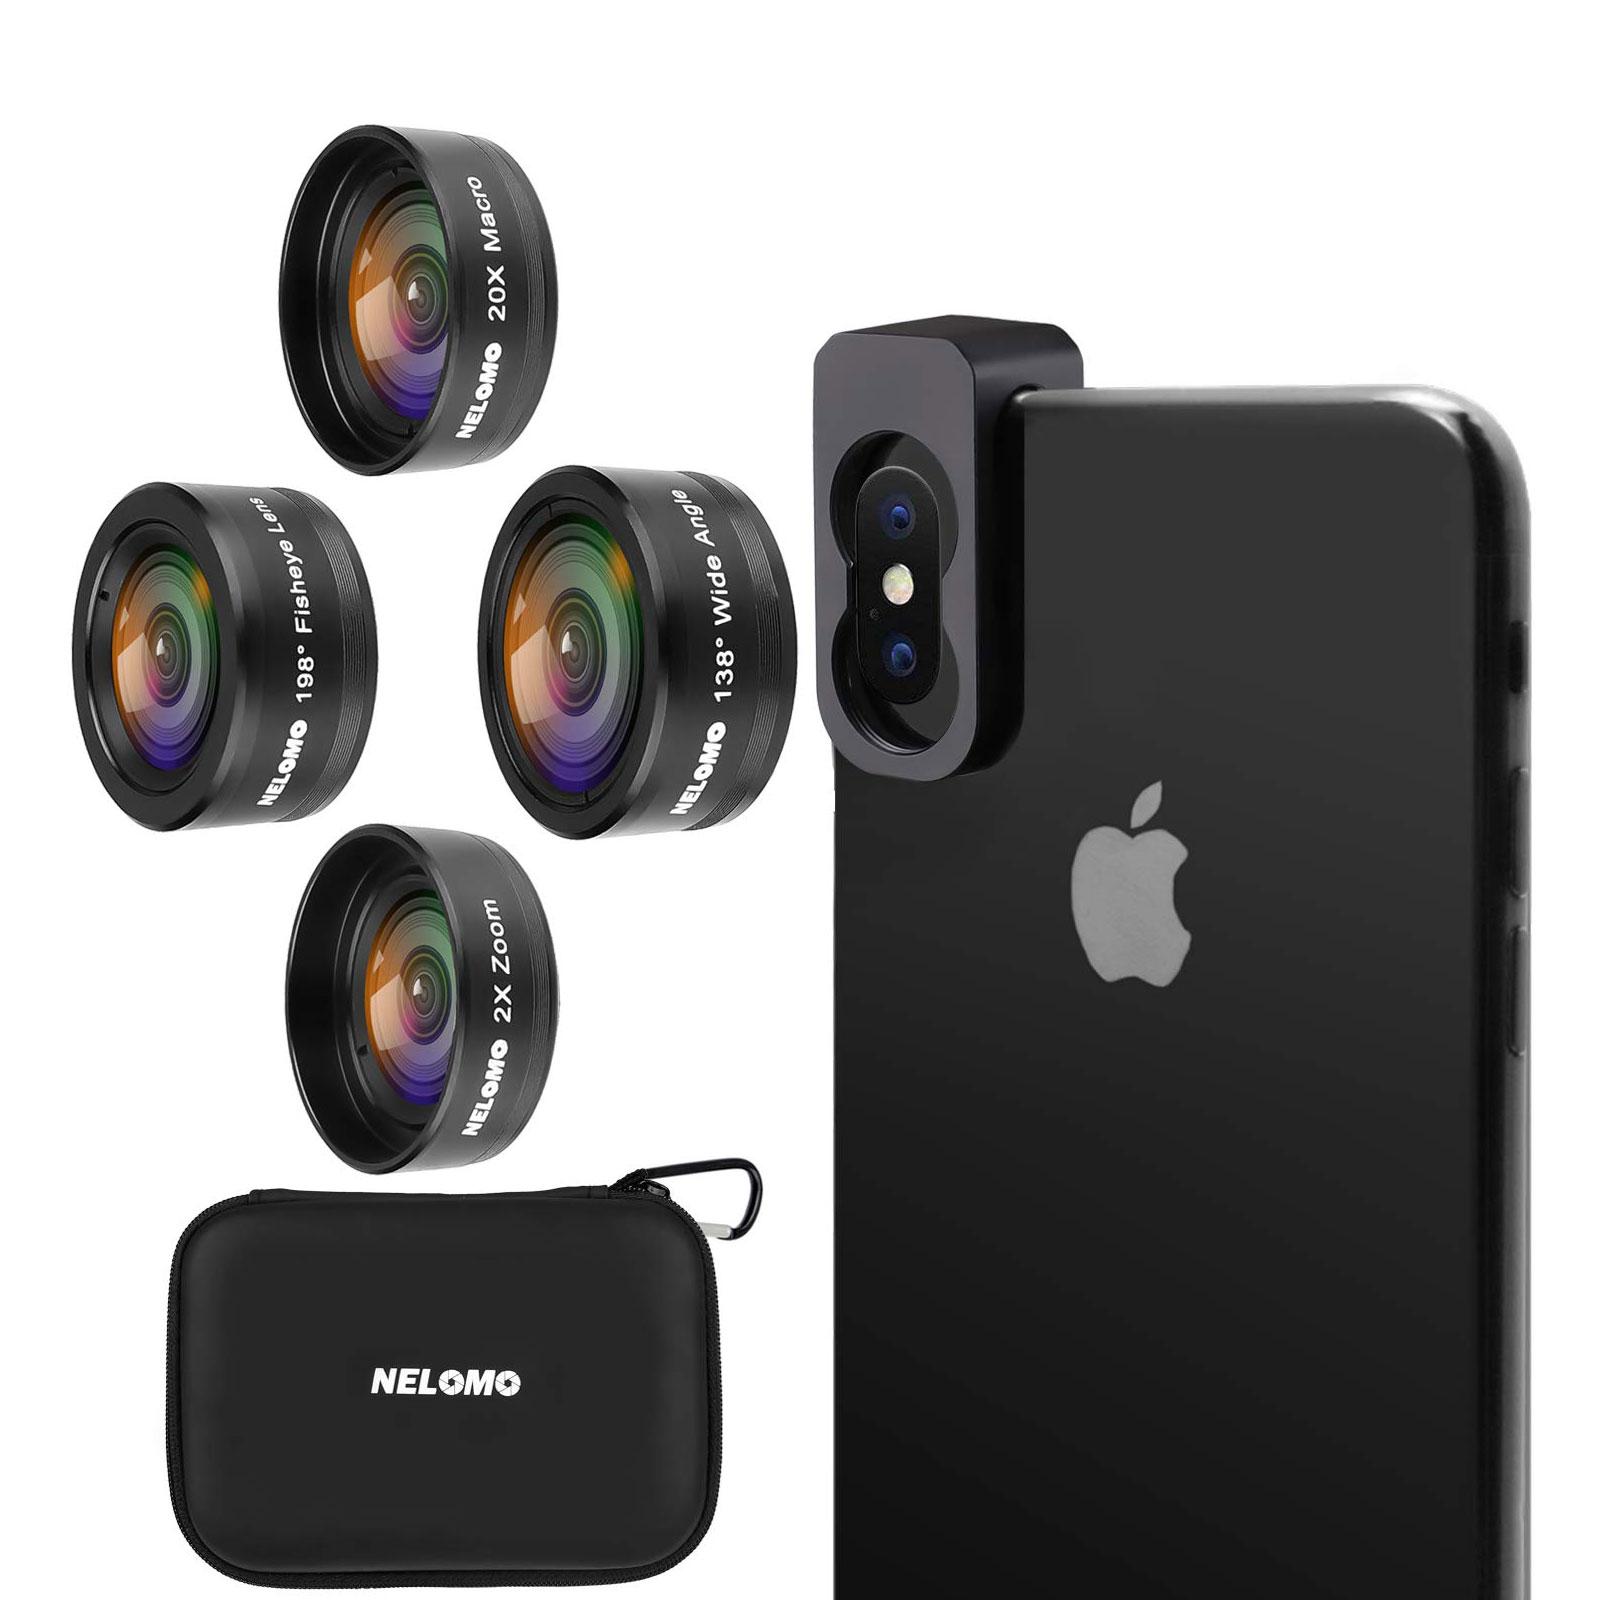 NELOMO スマホカメラ用4イン1レンズキット